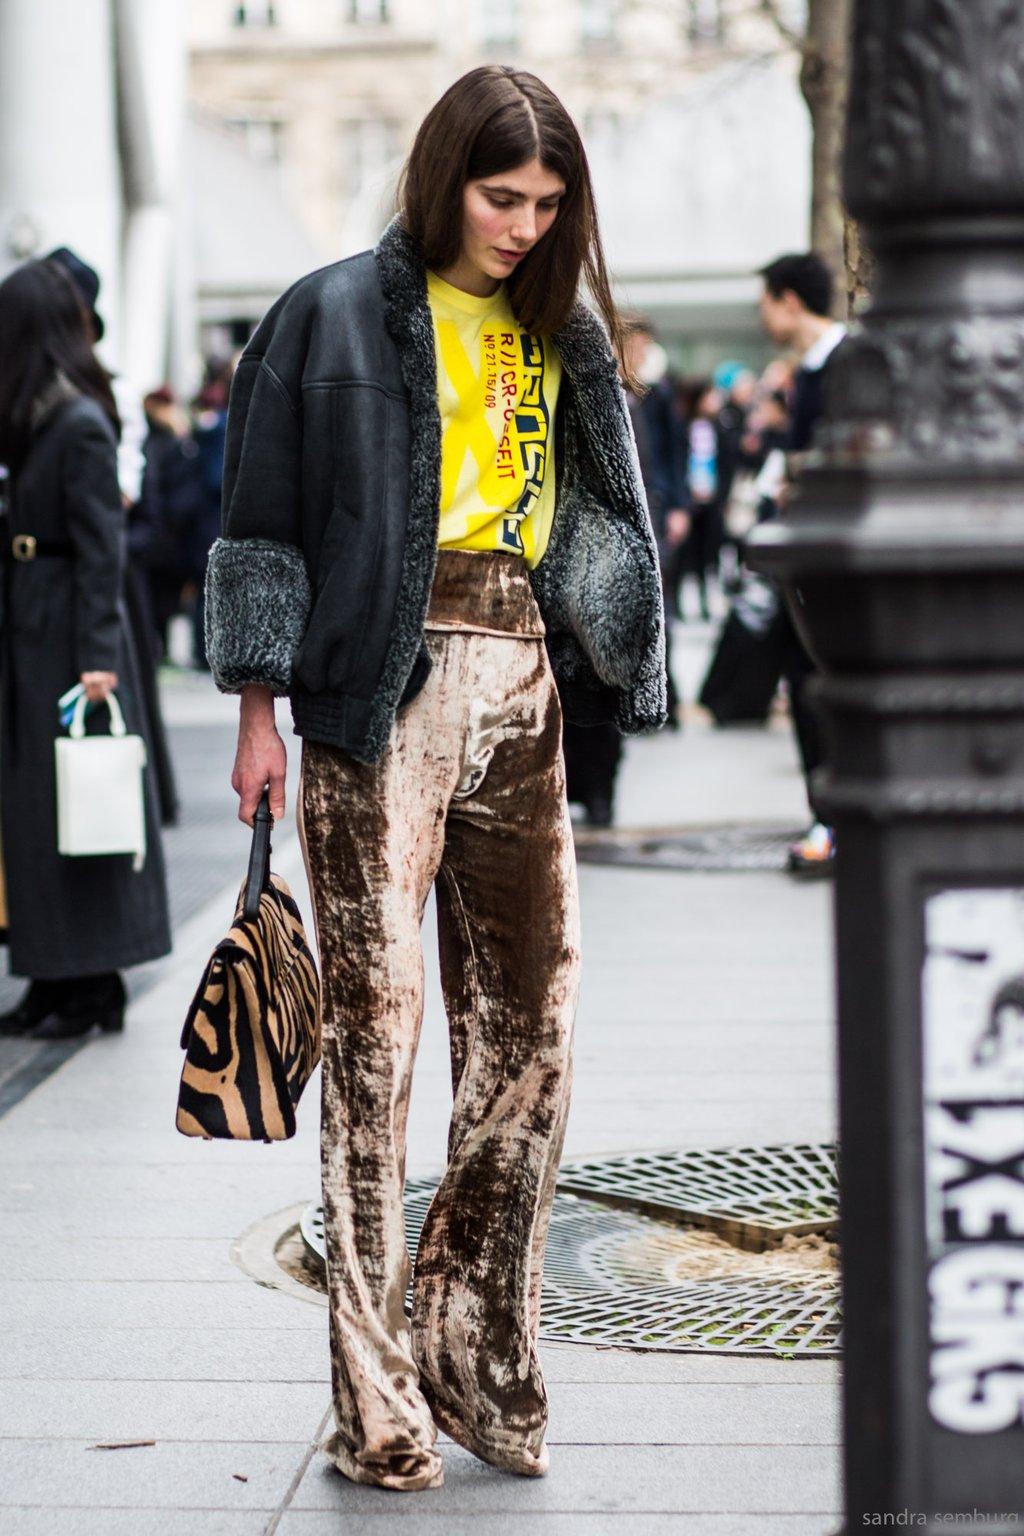 street style, velvet pants, aloveisblind